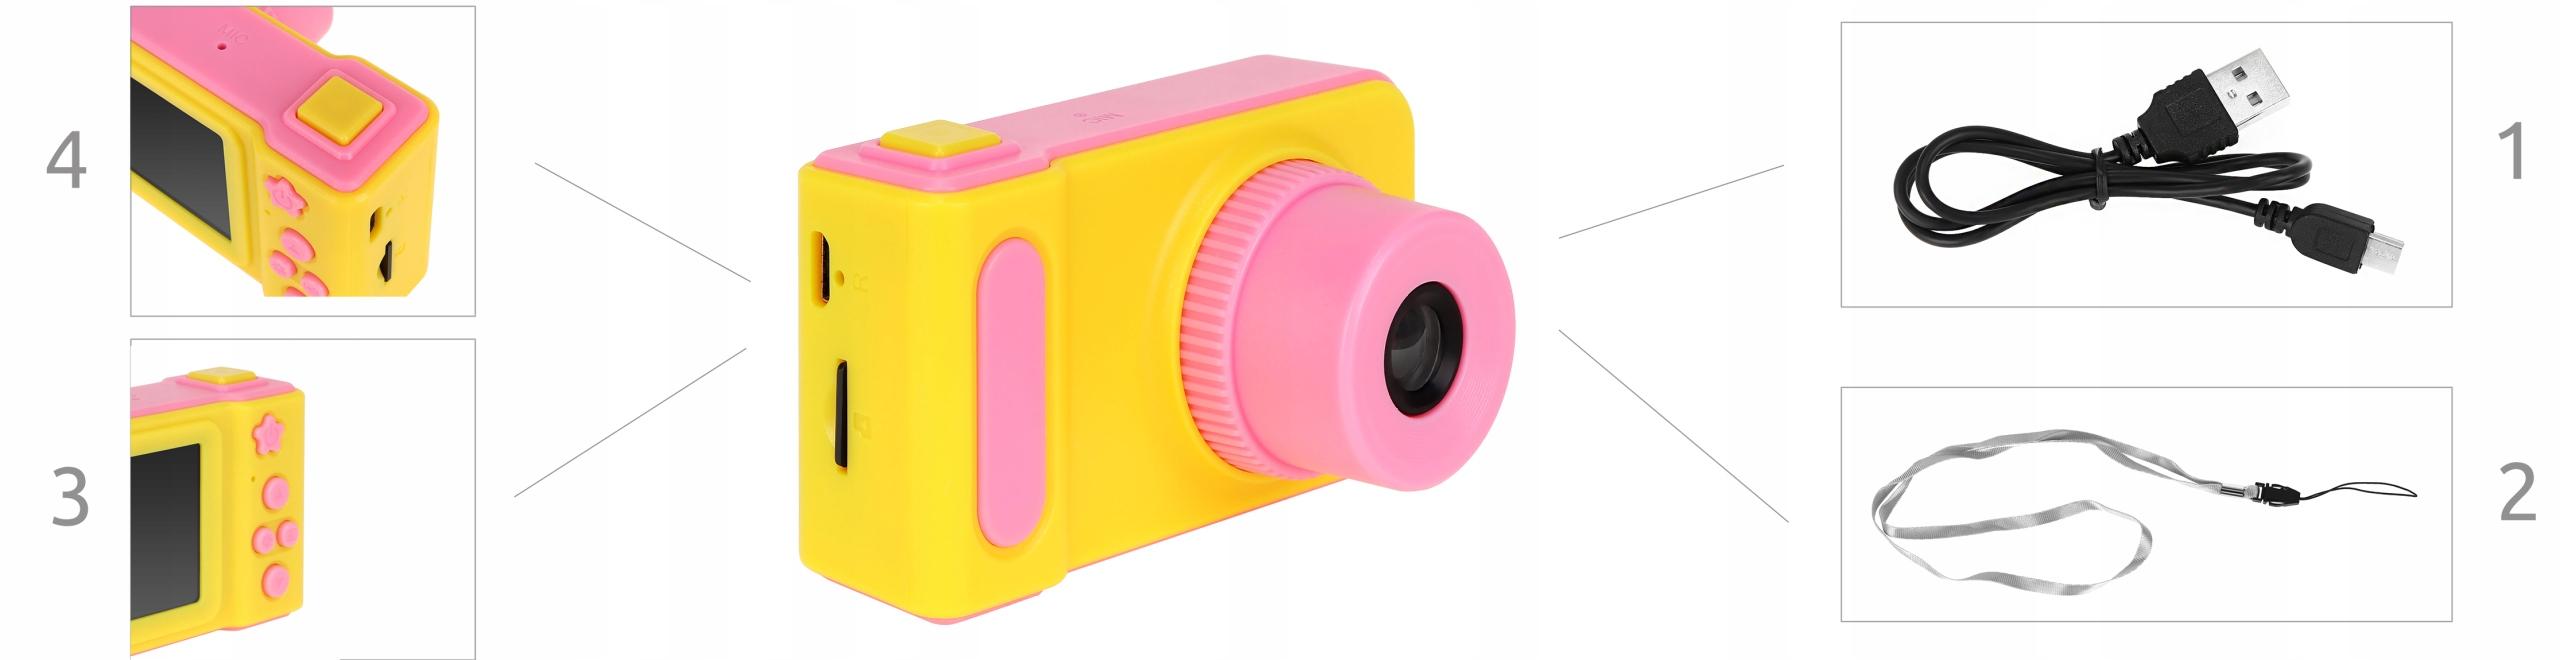 Aparat cyfrowy dla dzieci kamera ekran smycz karta pamięci SD